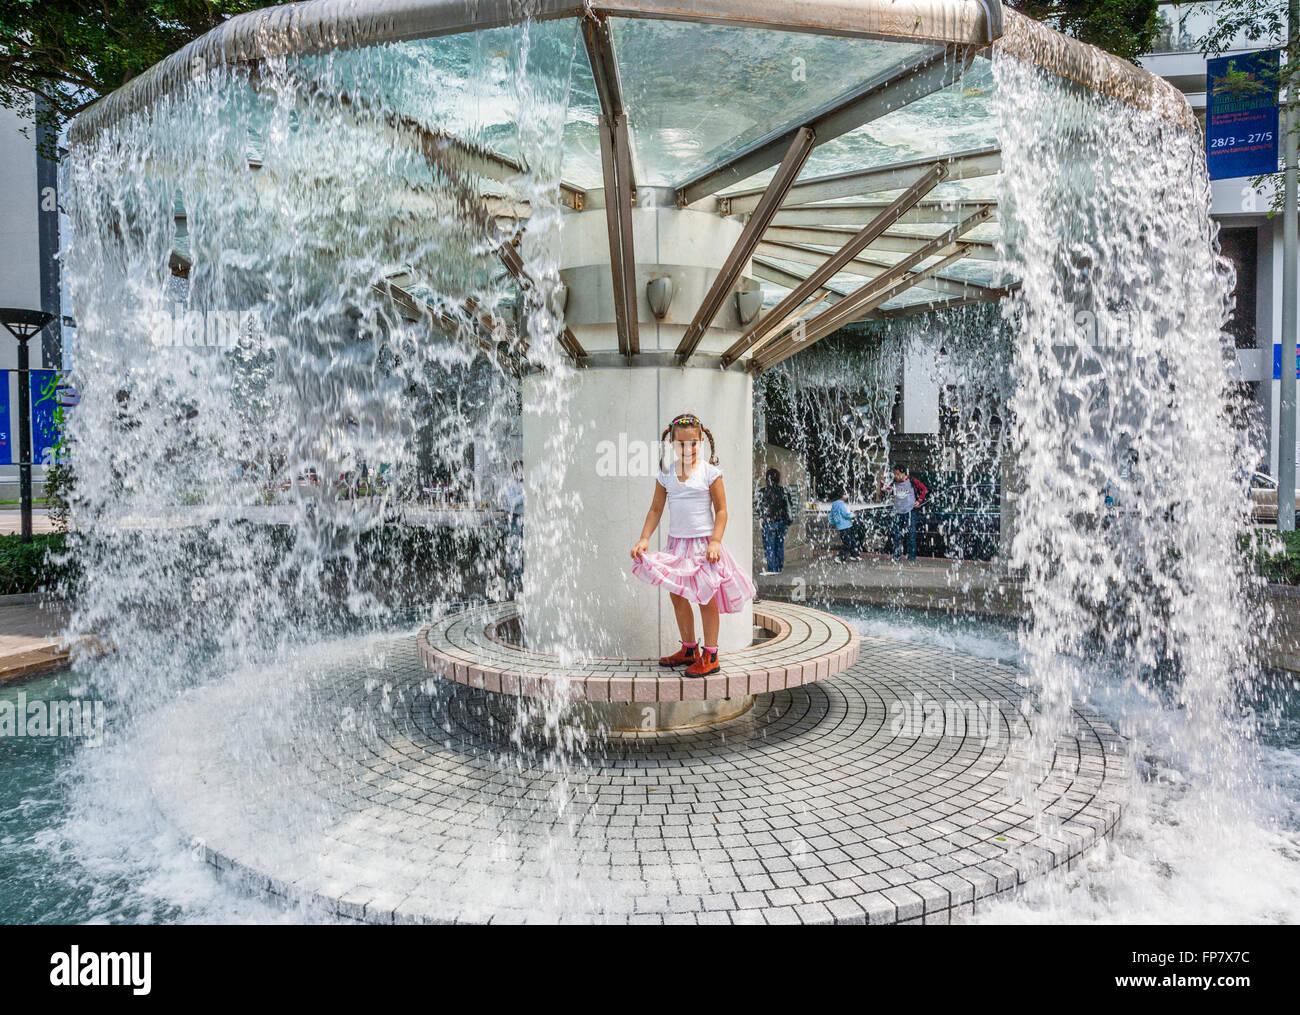 China, Hong Kong, frolic at curtain fountain in Hong Kong Park - Stock Image